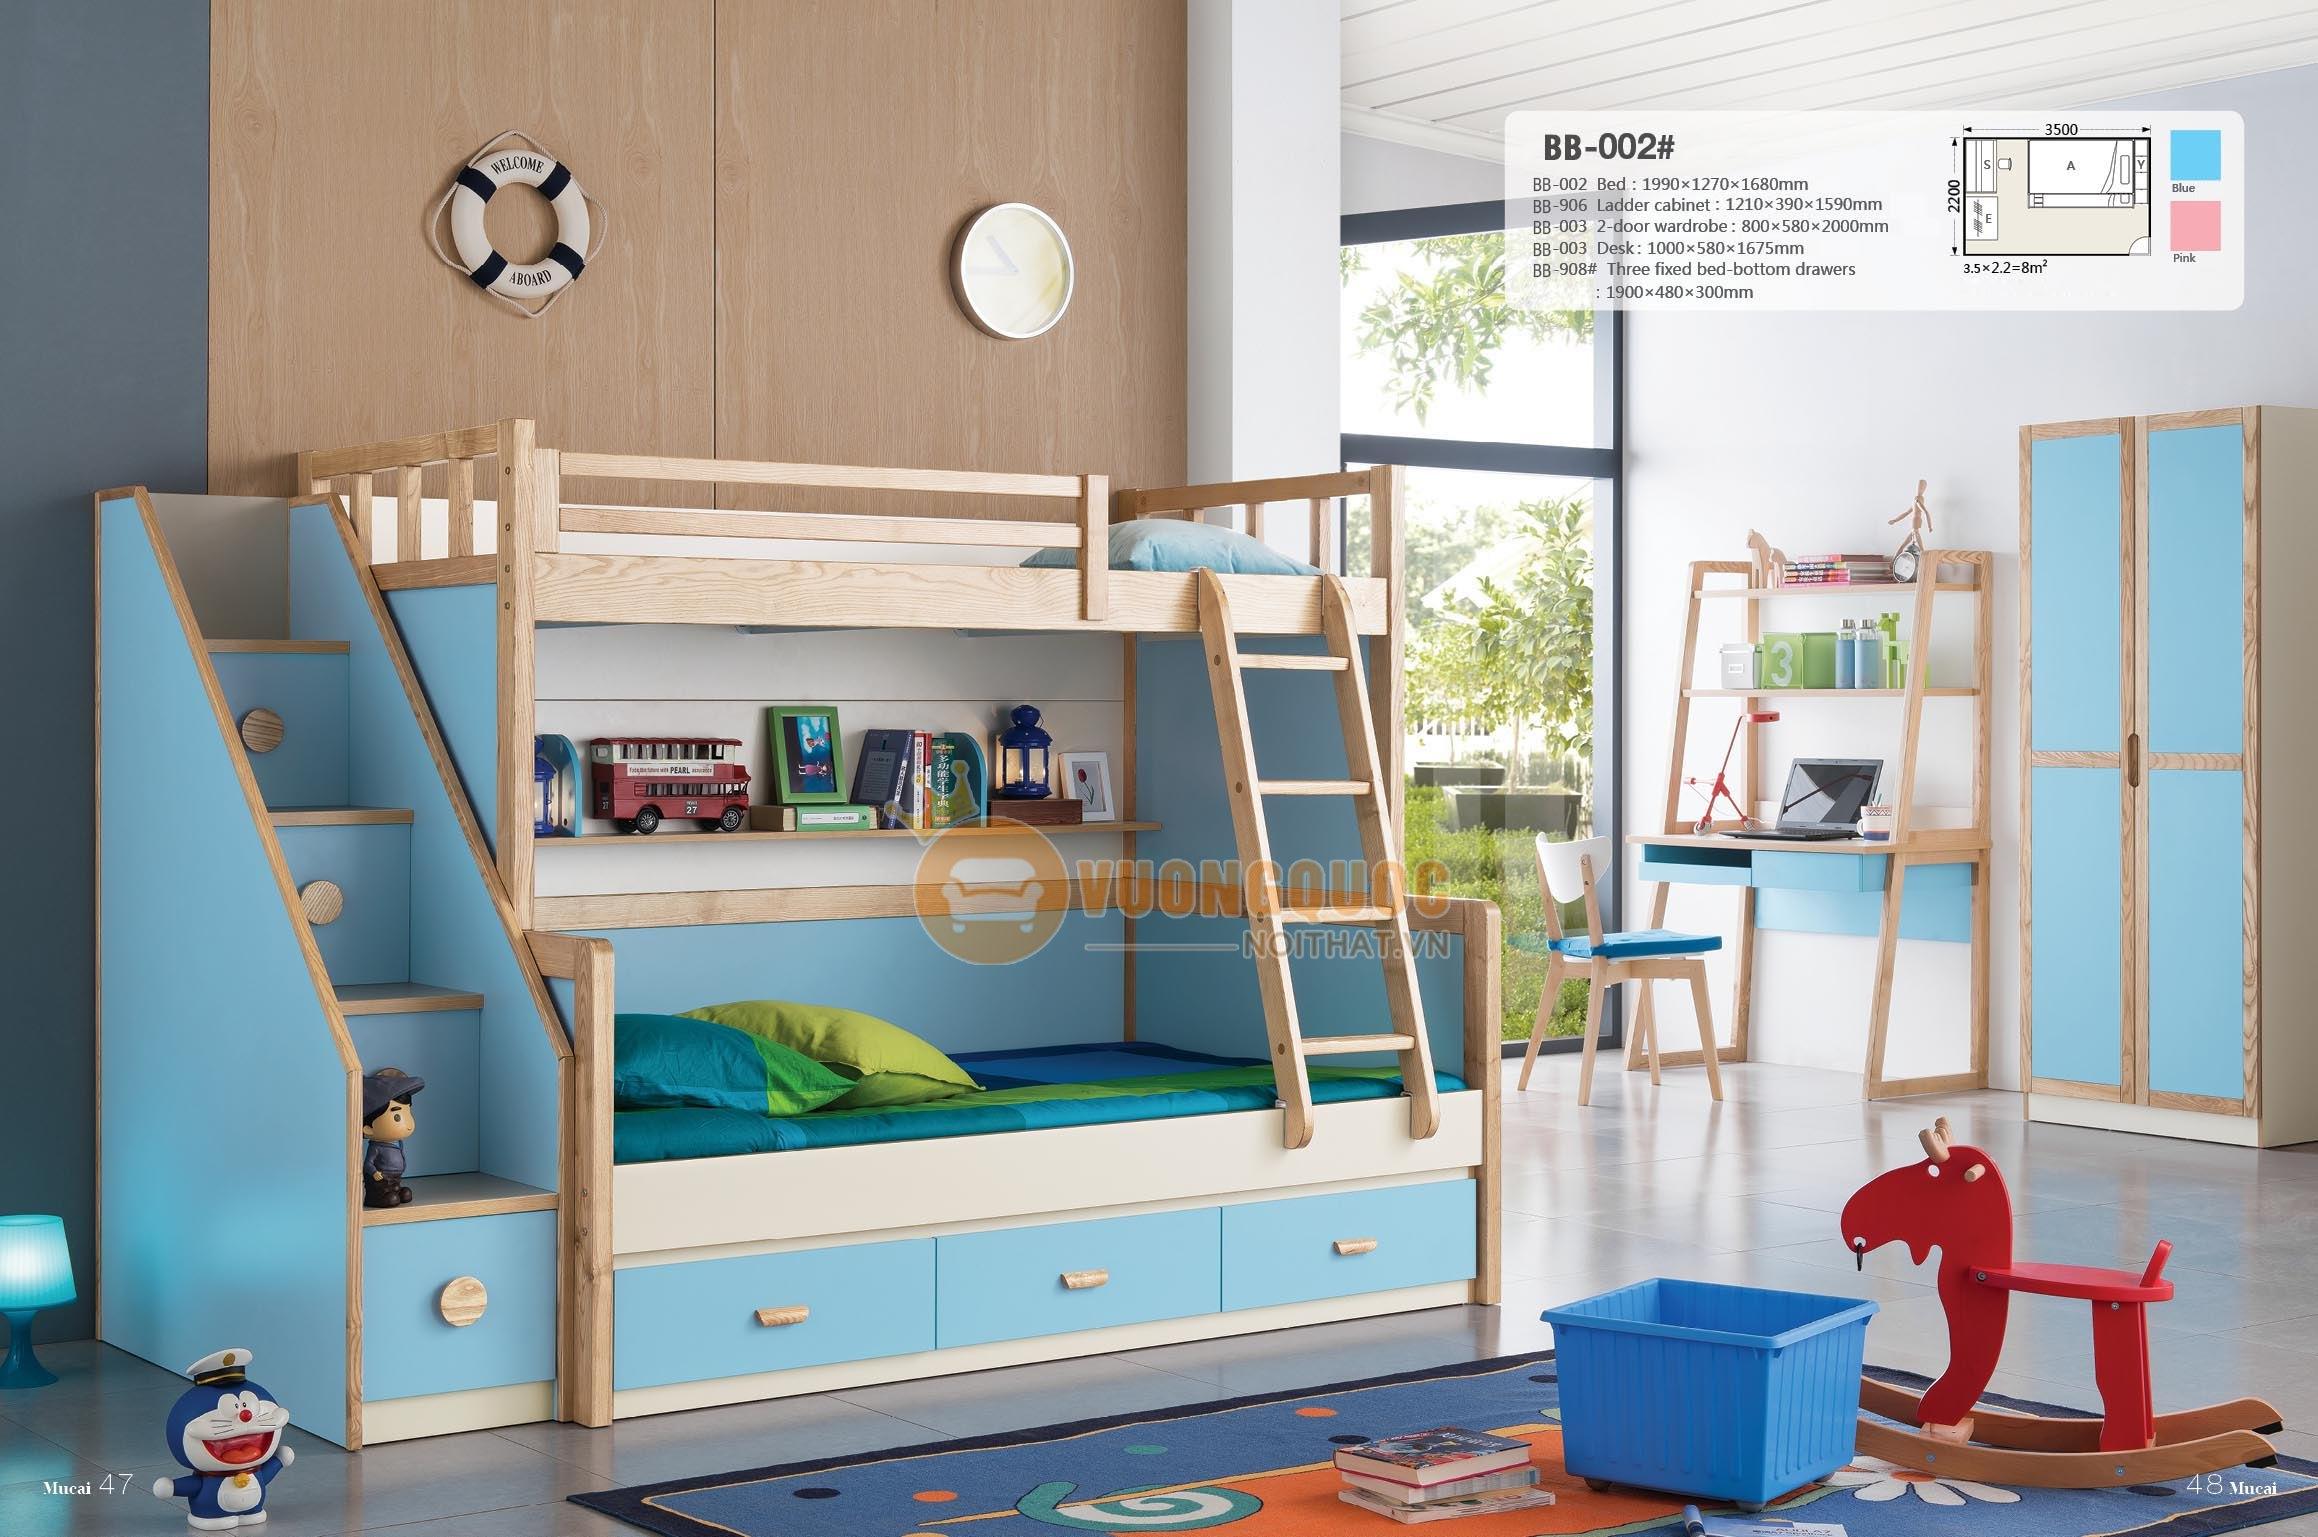 Giường tầng trẻ em nhập khẩu Model BB002